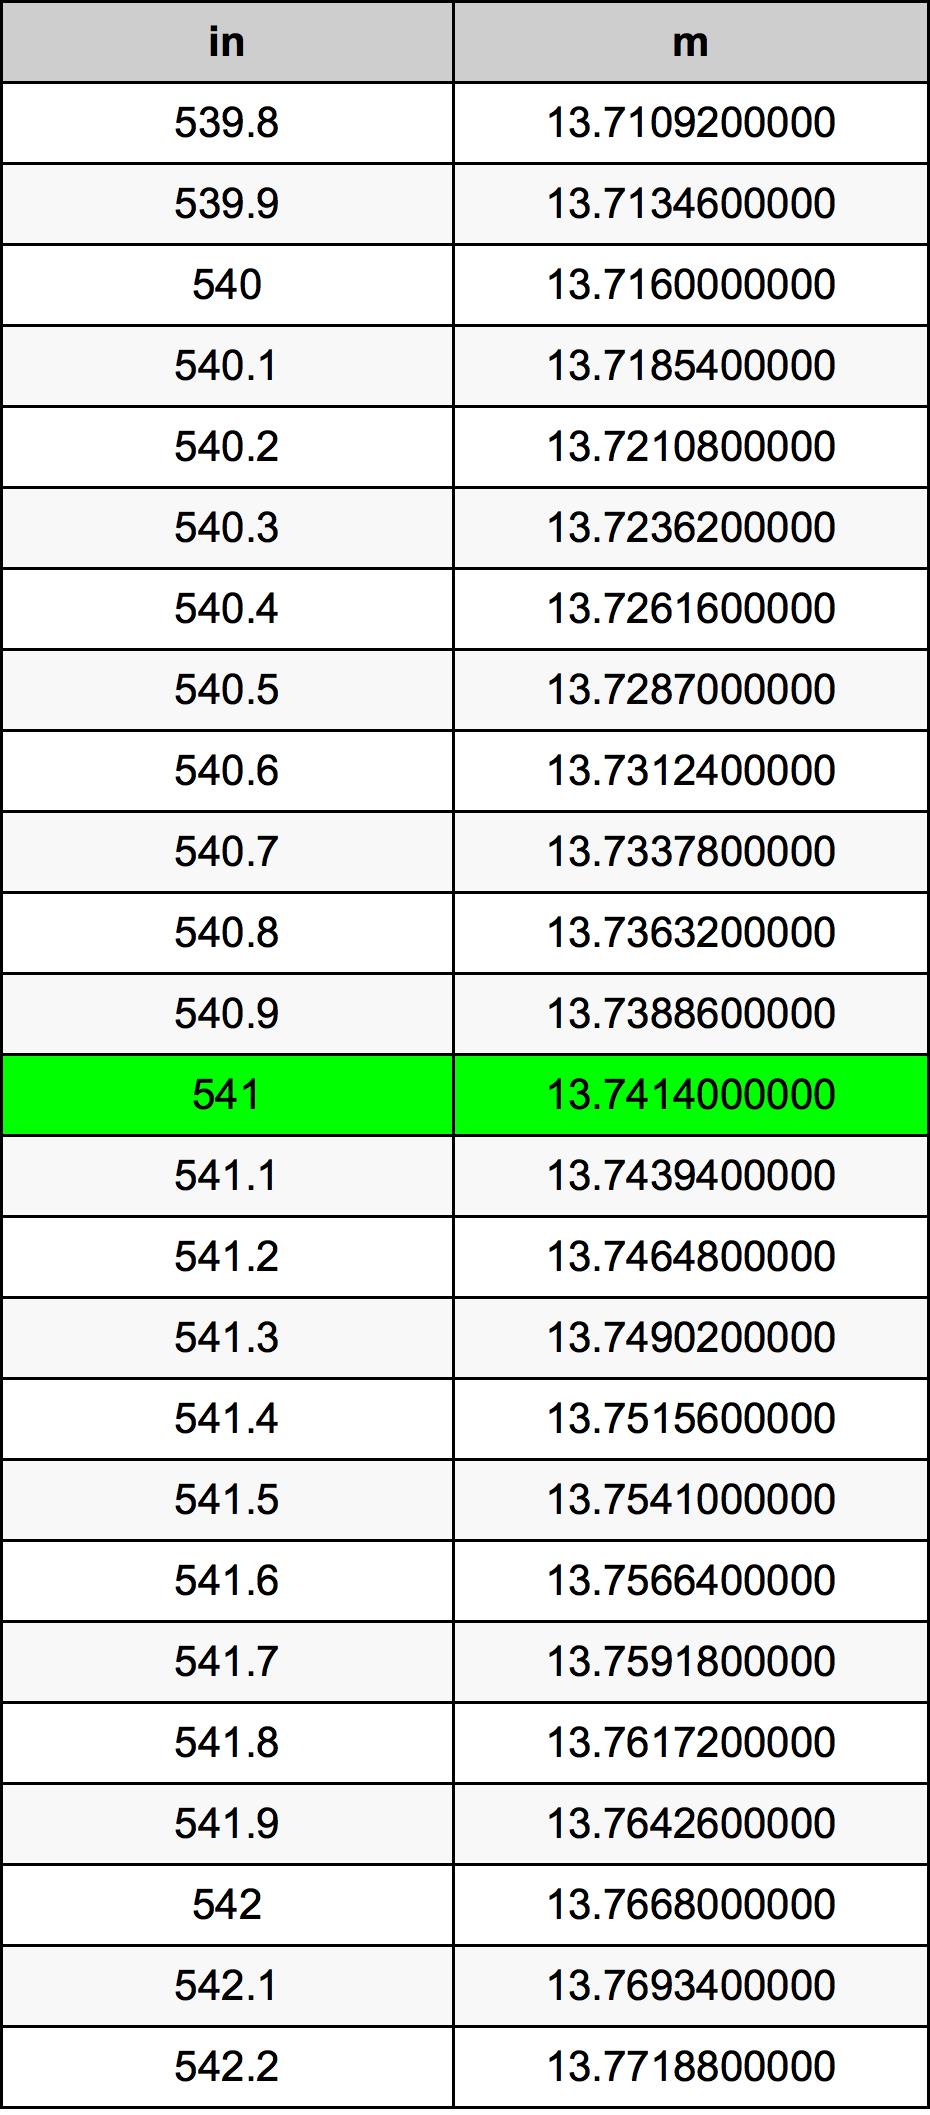 541 Pulzier konverżjoni tabella